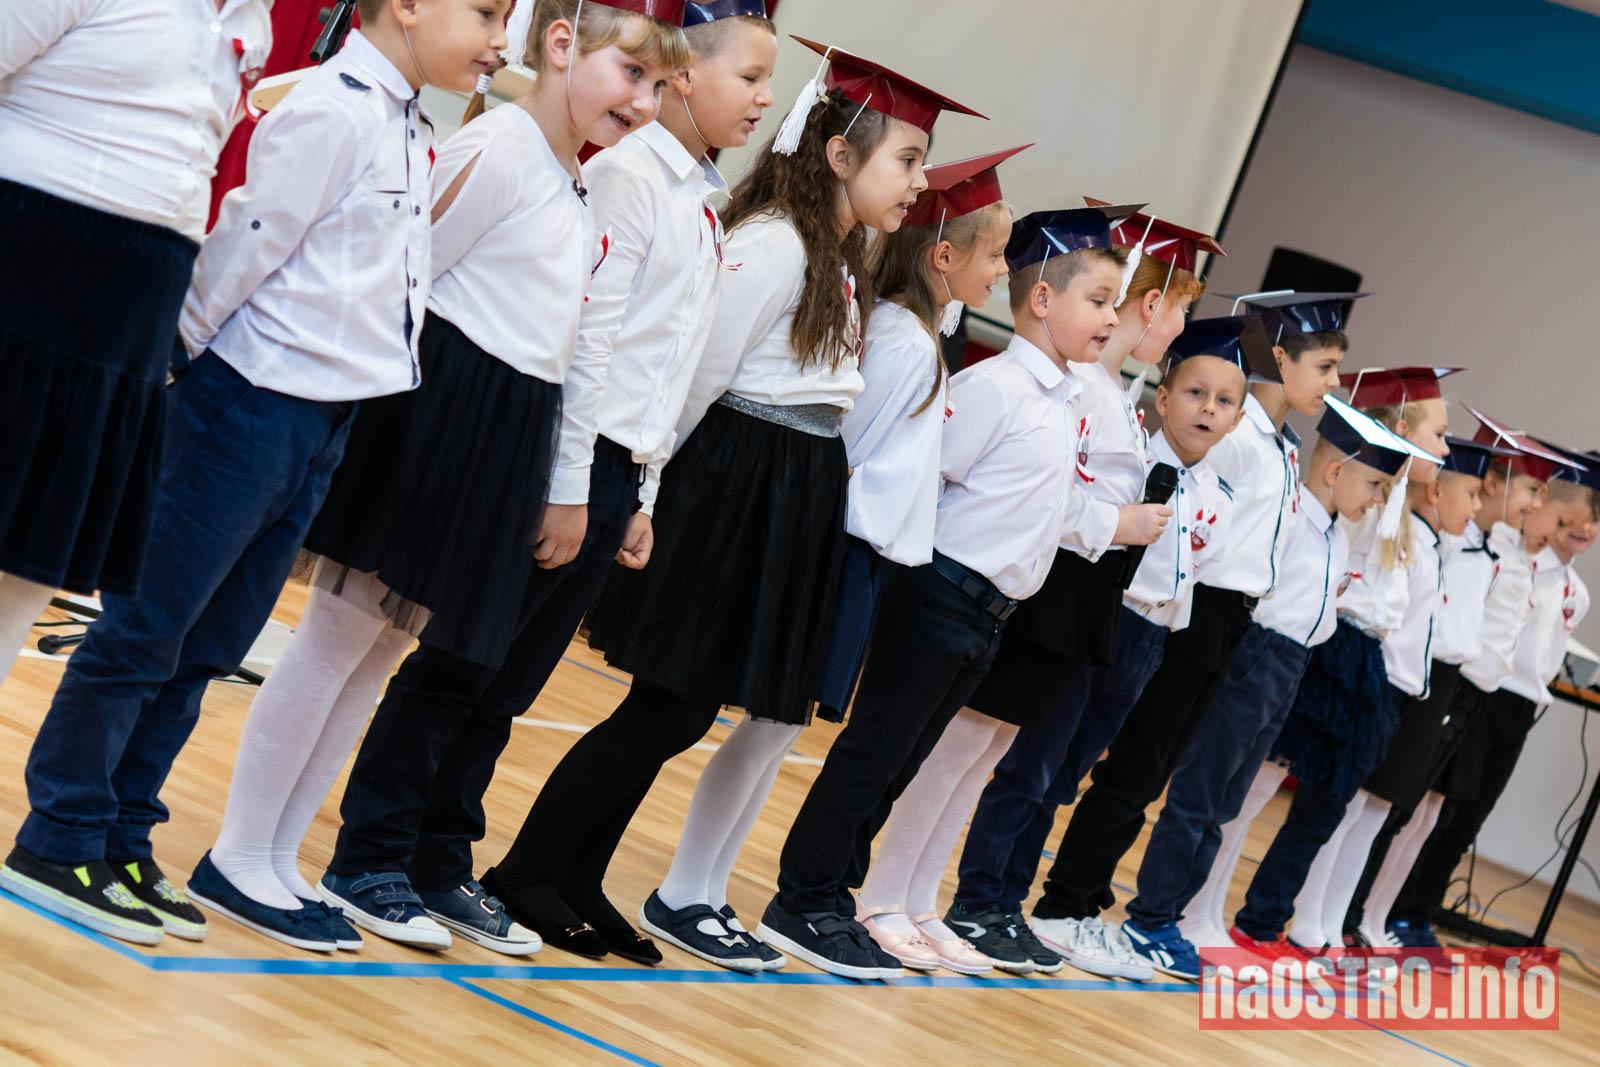 NaOSTRO Otwarcie Szkoły w Bałtowie-138